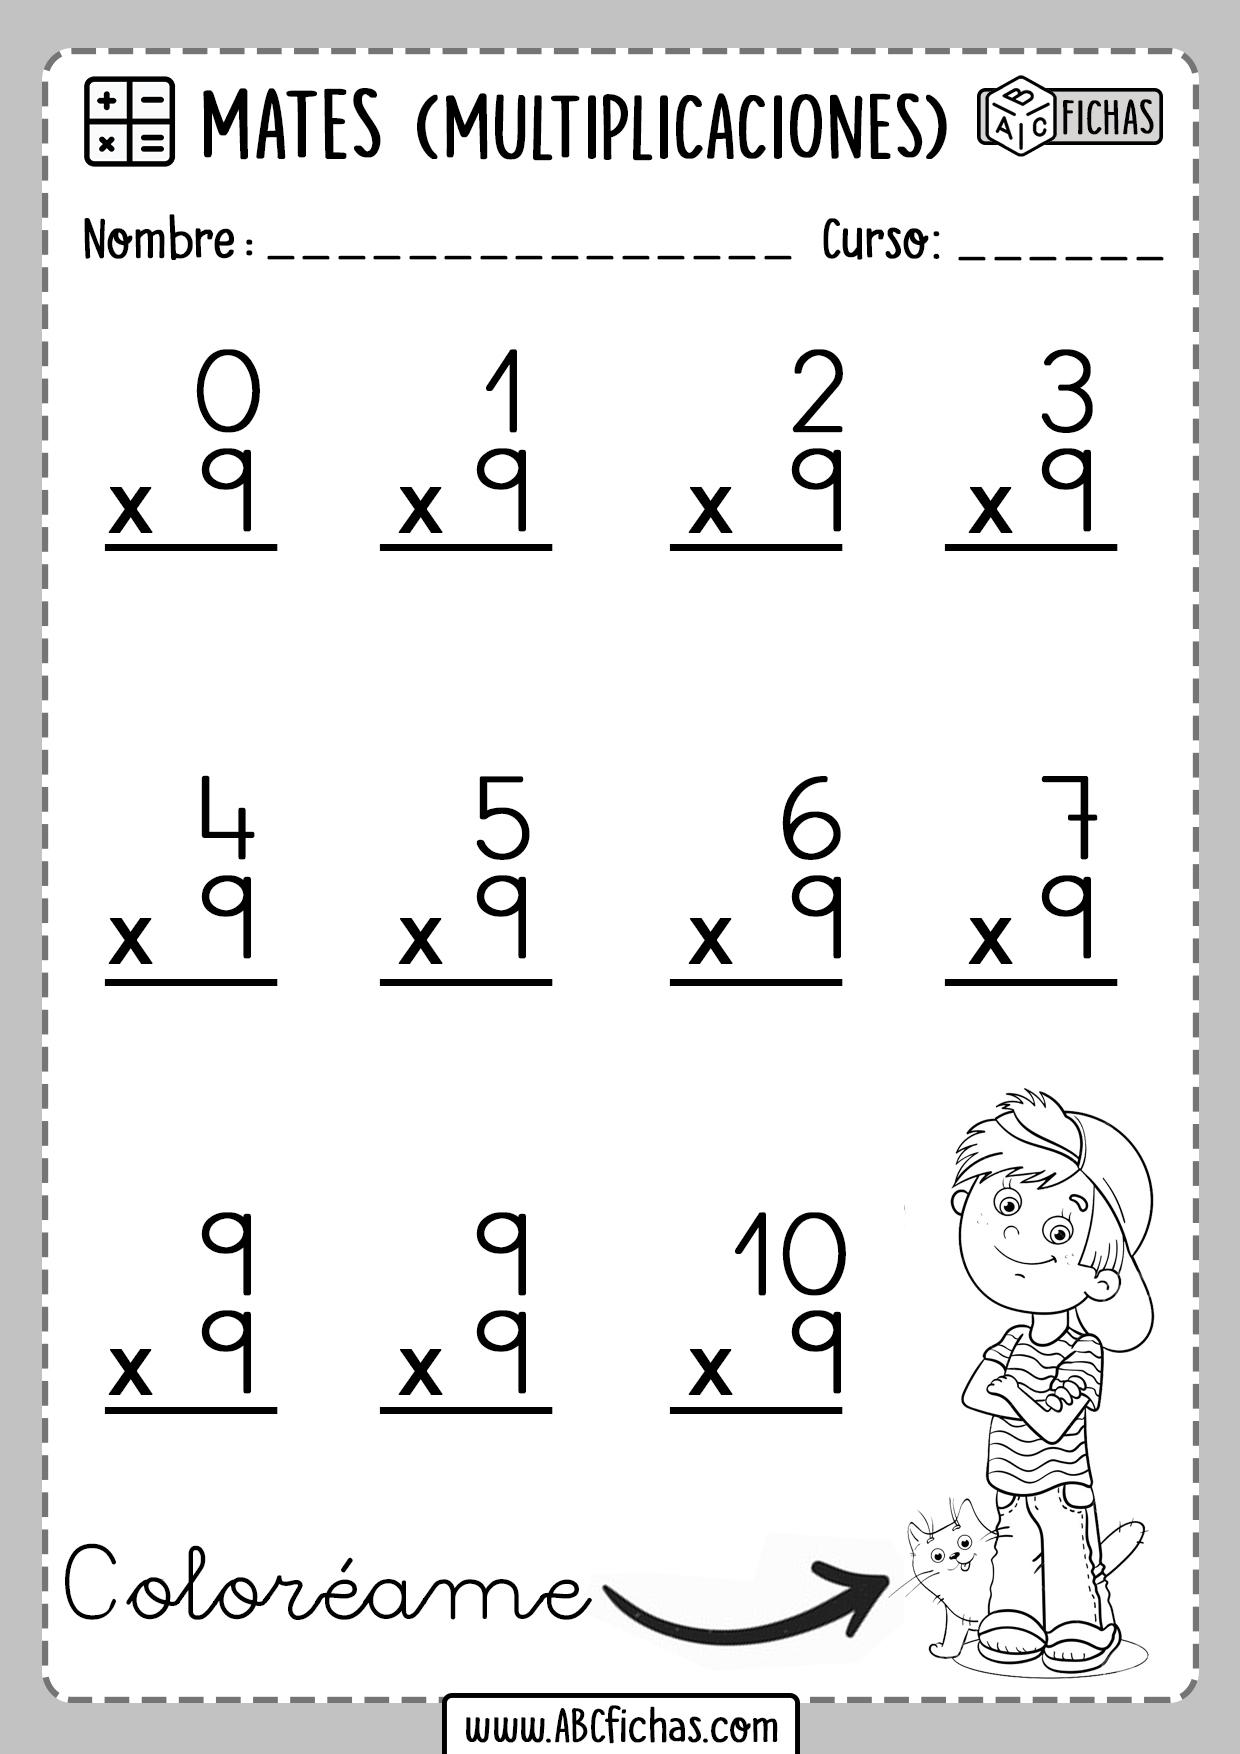 Fichas de Multiplicaciones Tabla del 9